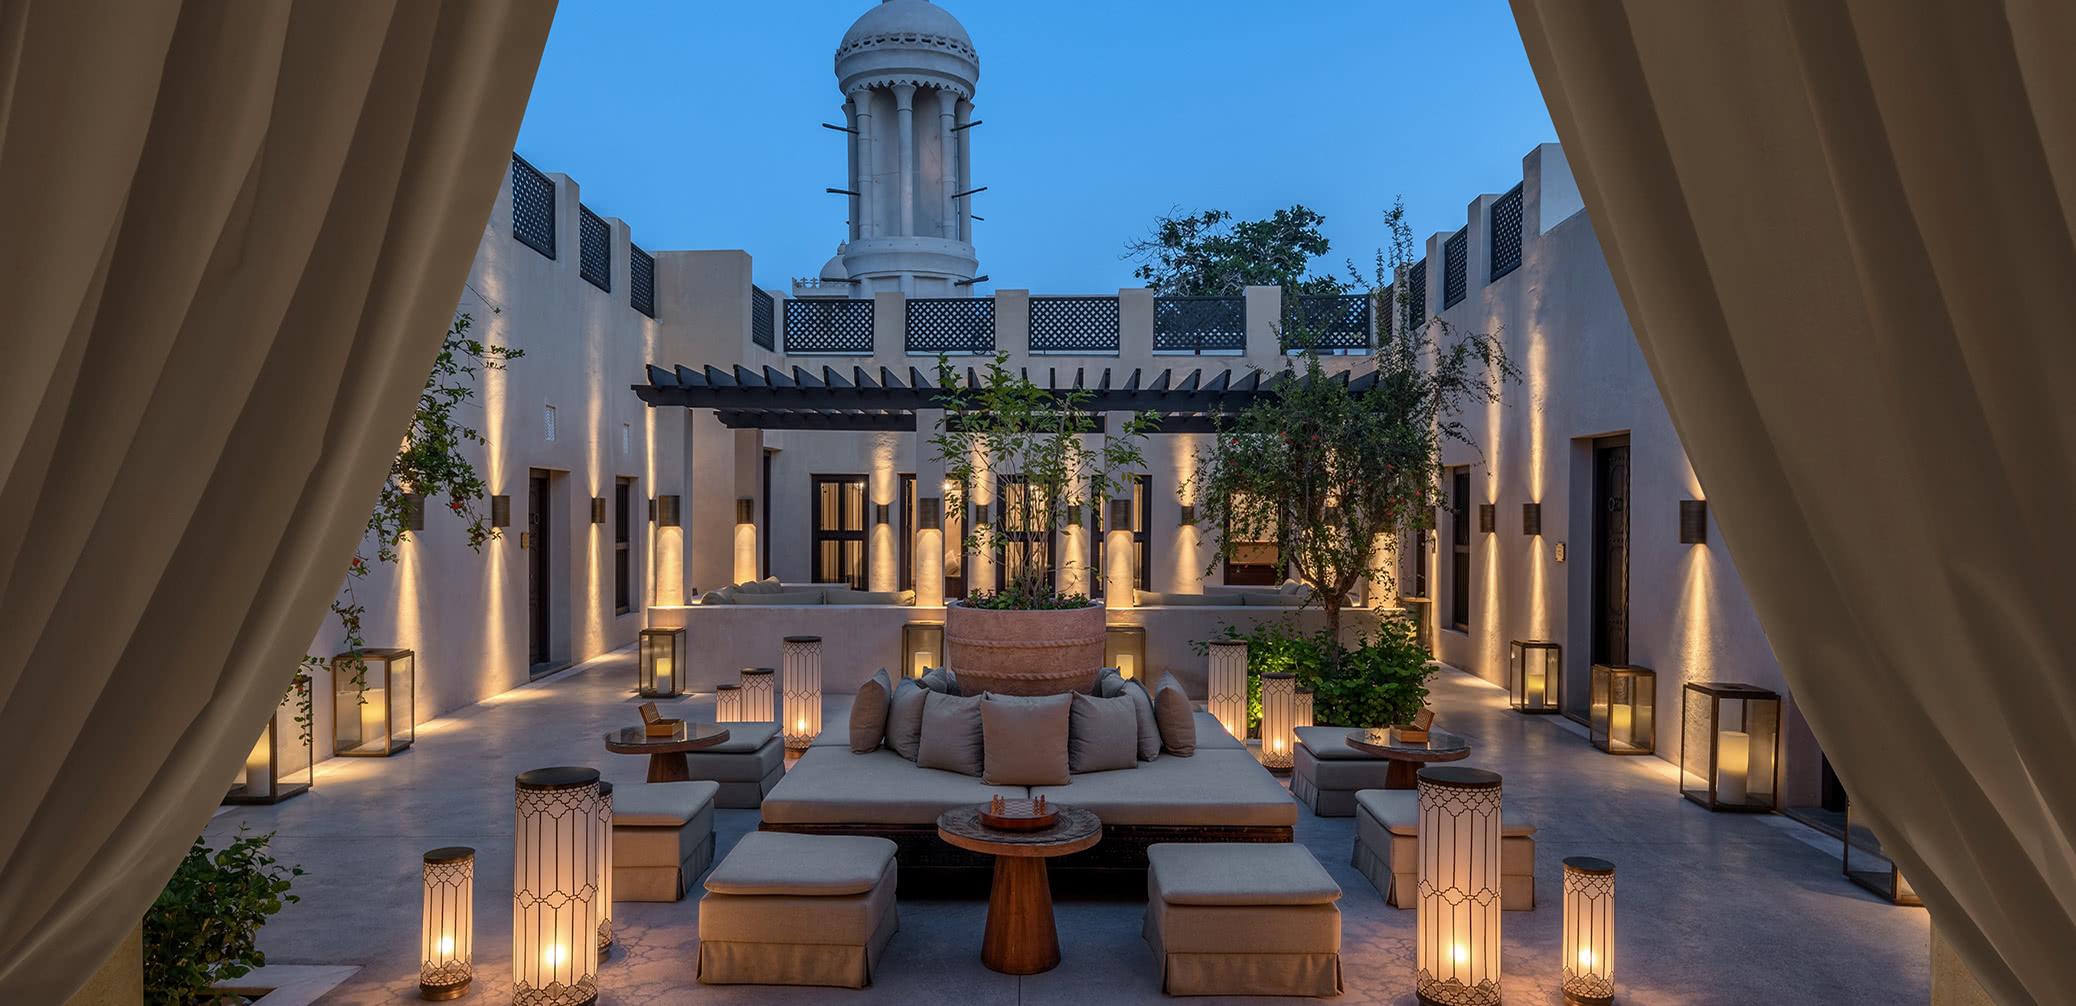 Top 10 Best Luxury Hotels in UAE